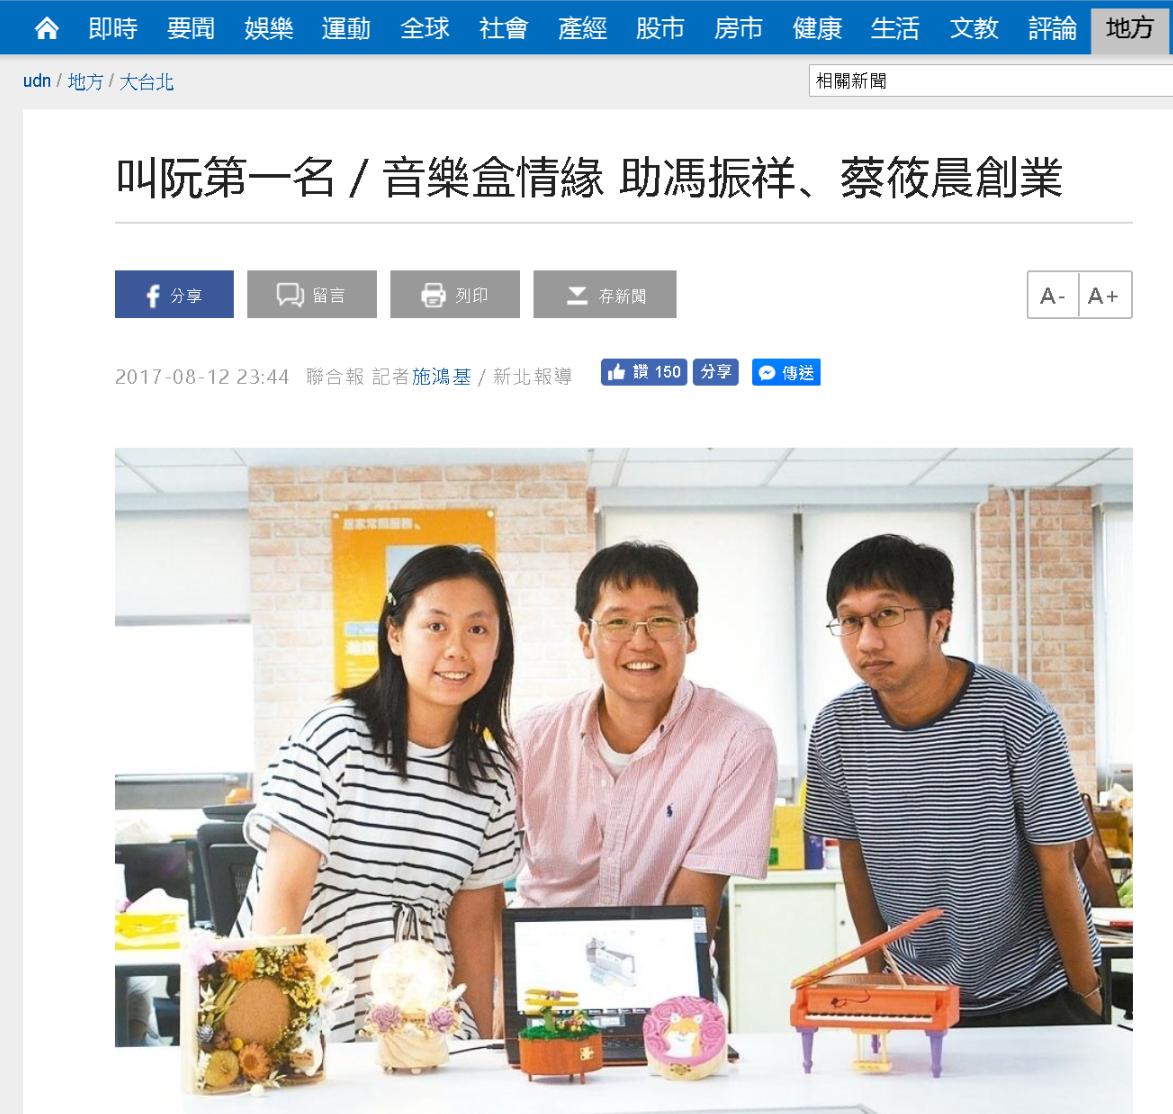 聯合報新聞screen shot.png